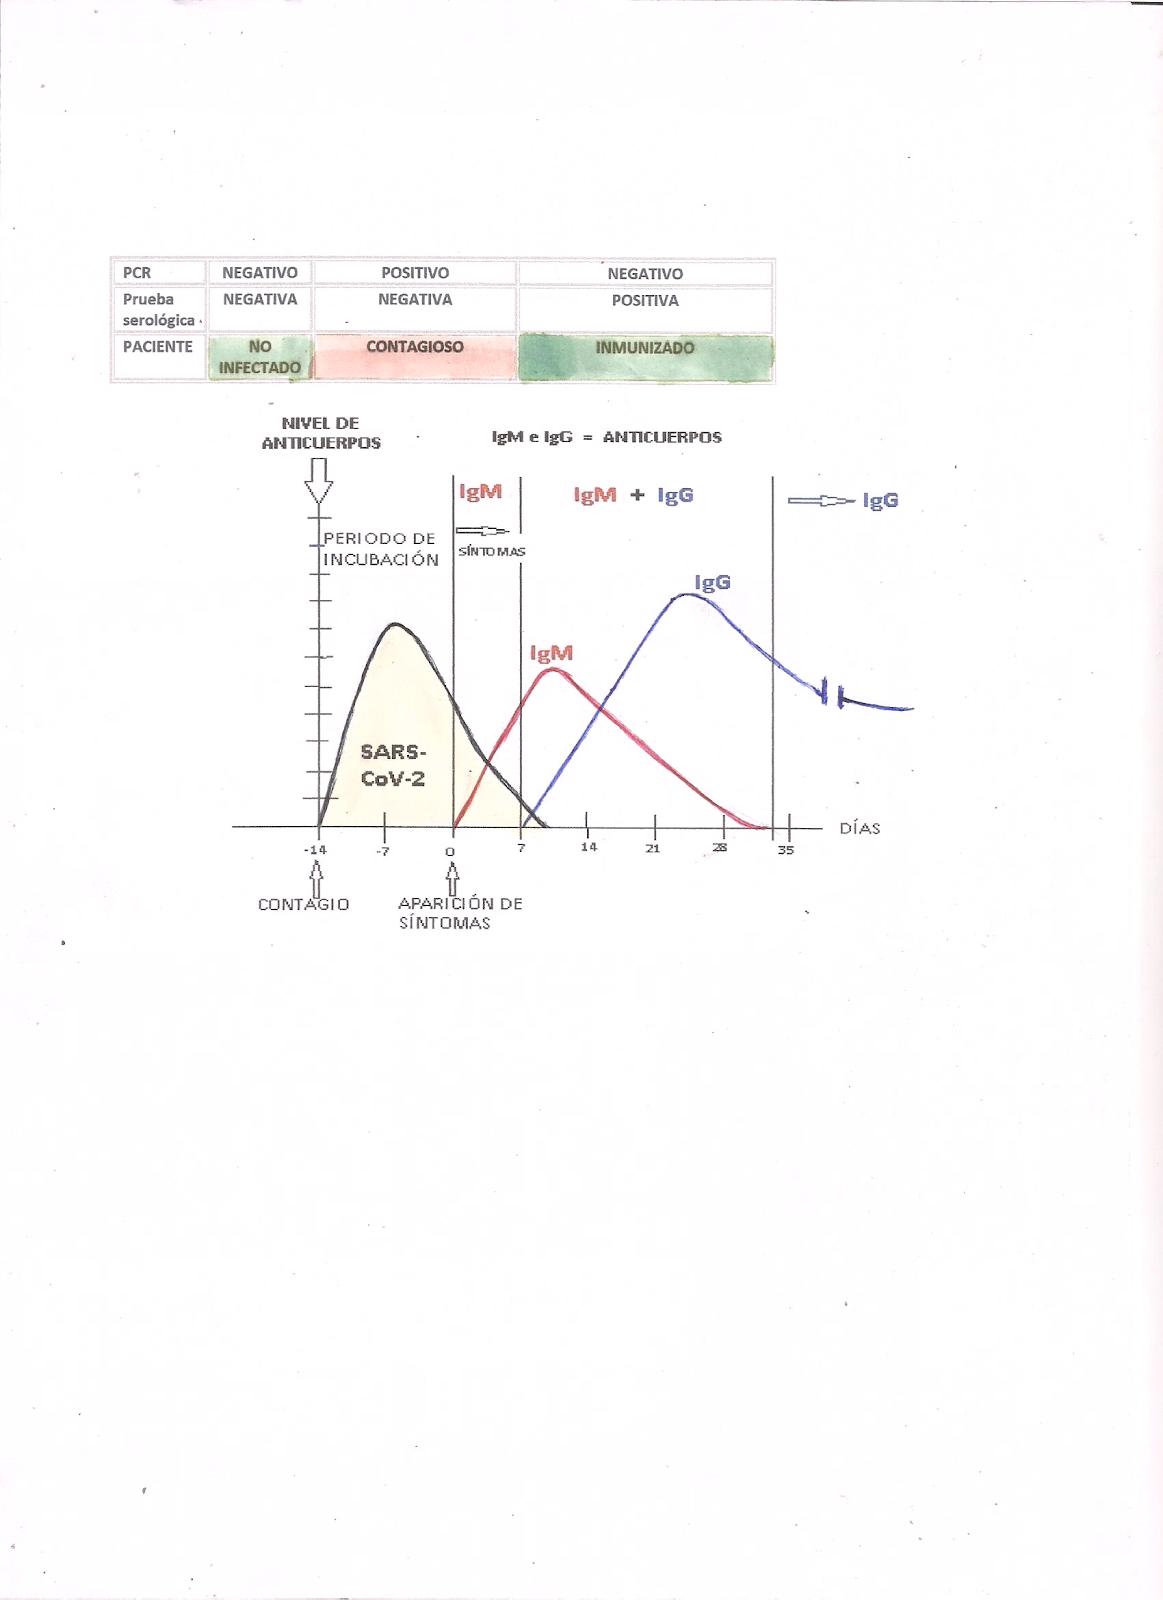 D:\Sanidad\Covid19\Test anti-Sars-CoV2\Contagio Covid-19 y respuesta humoral 001.jpg